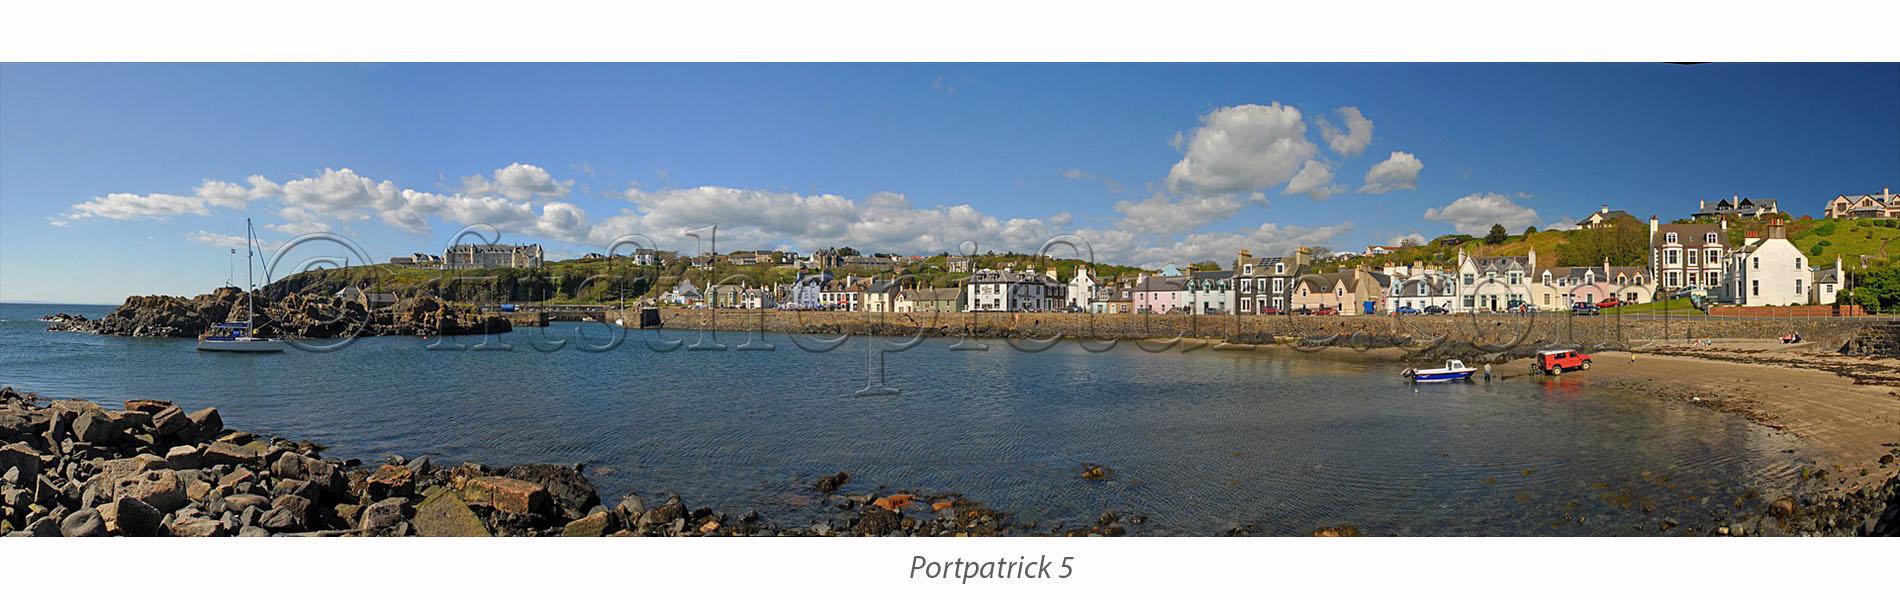 portpatrick_5.jpg